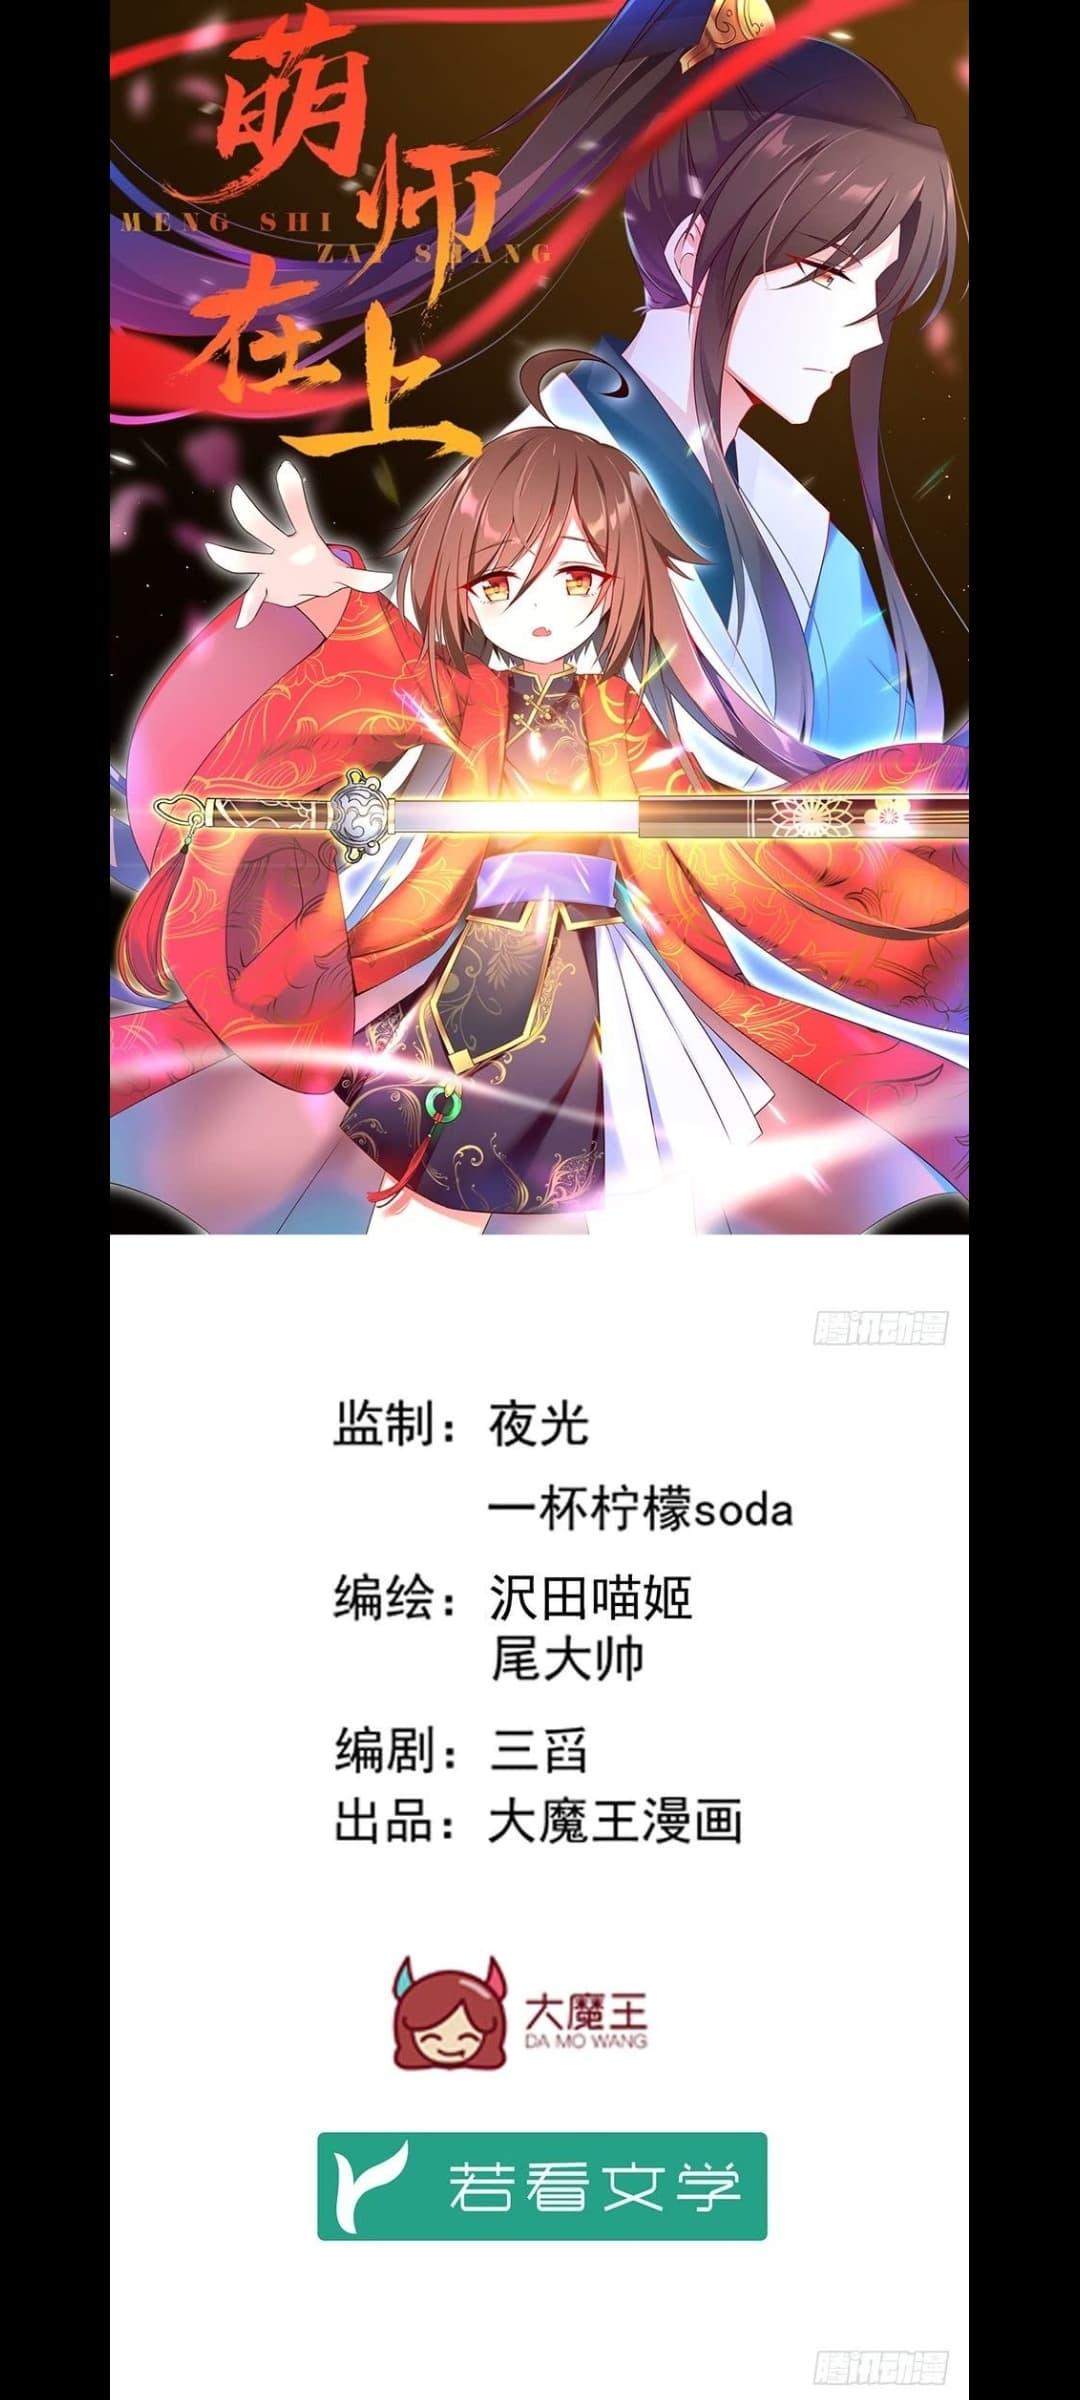 Meng Shi Zai Shang-ตอนที่ 5